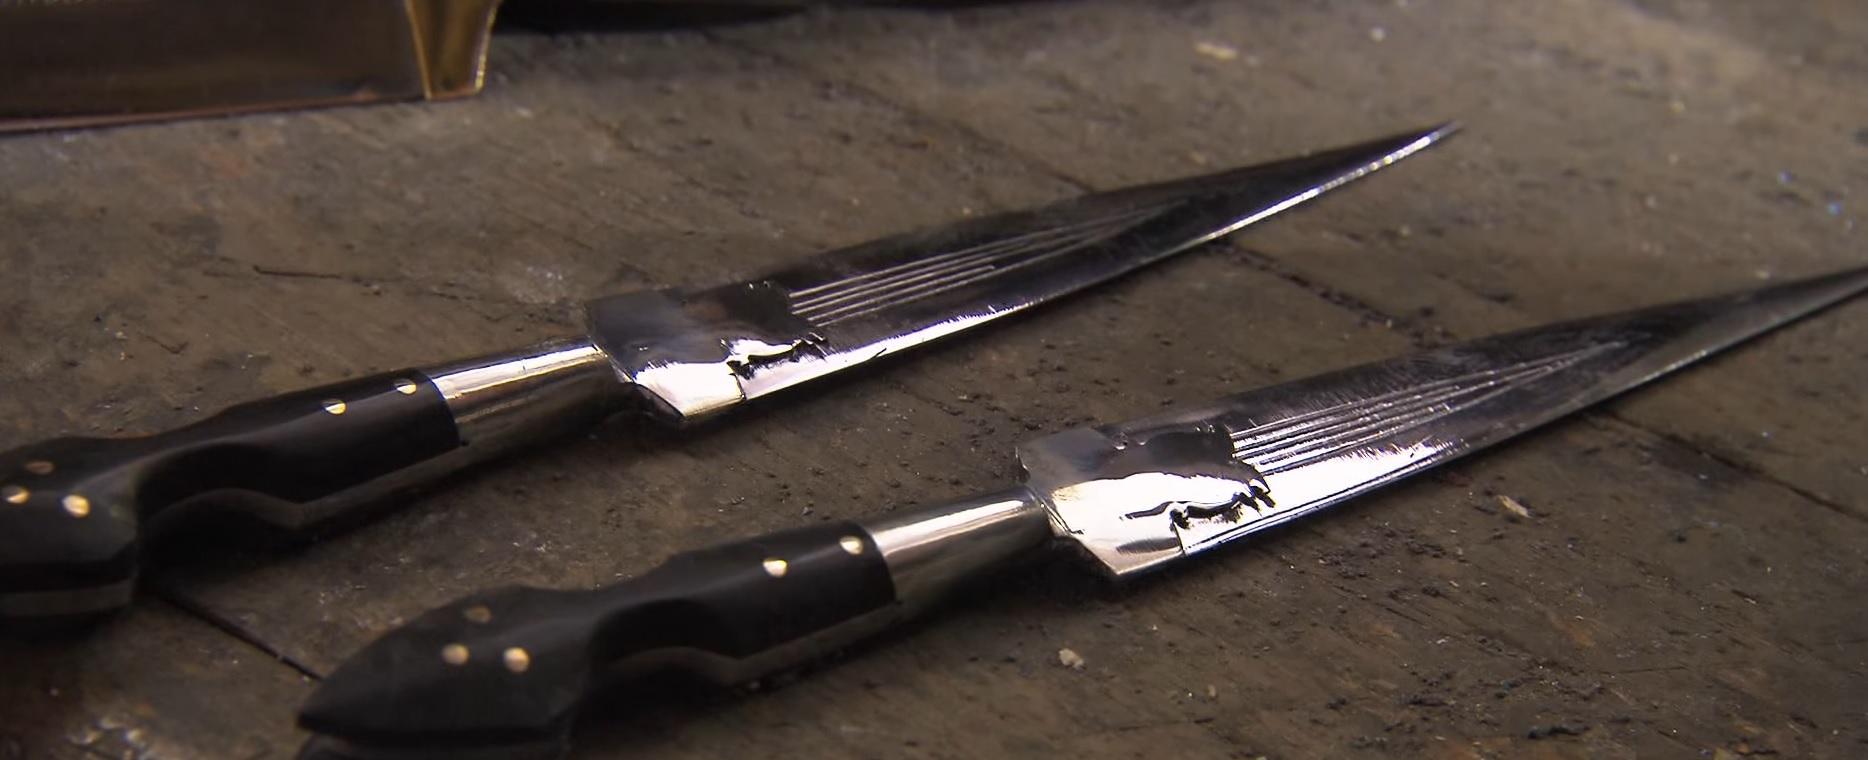 Sürmene Bıçağı ve Sürmene Bıçak Oyunu Belgeseli.